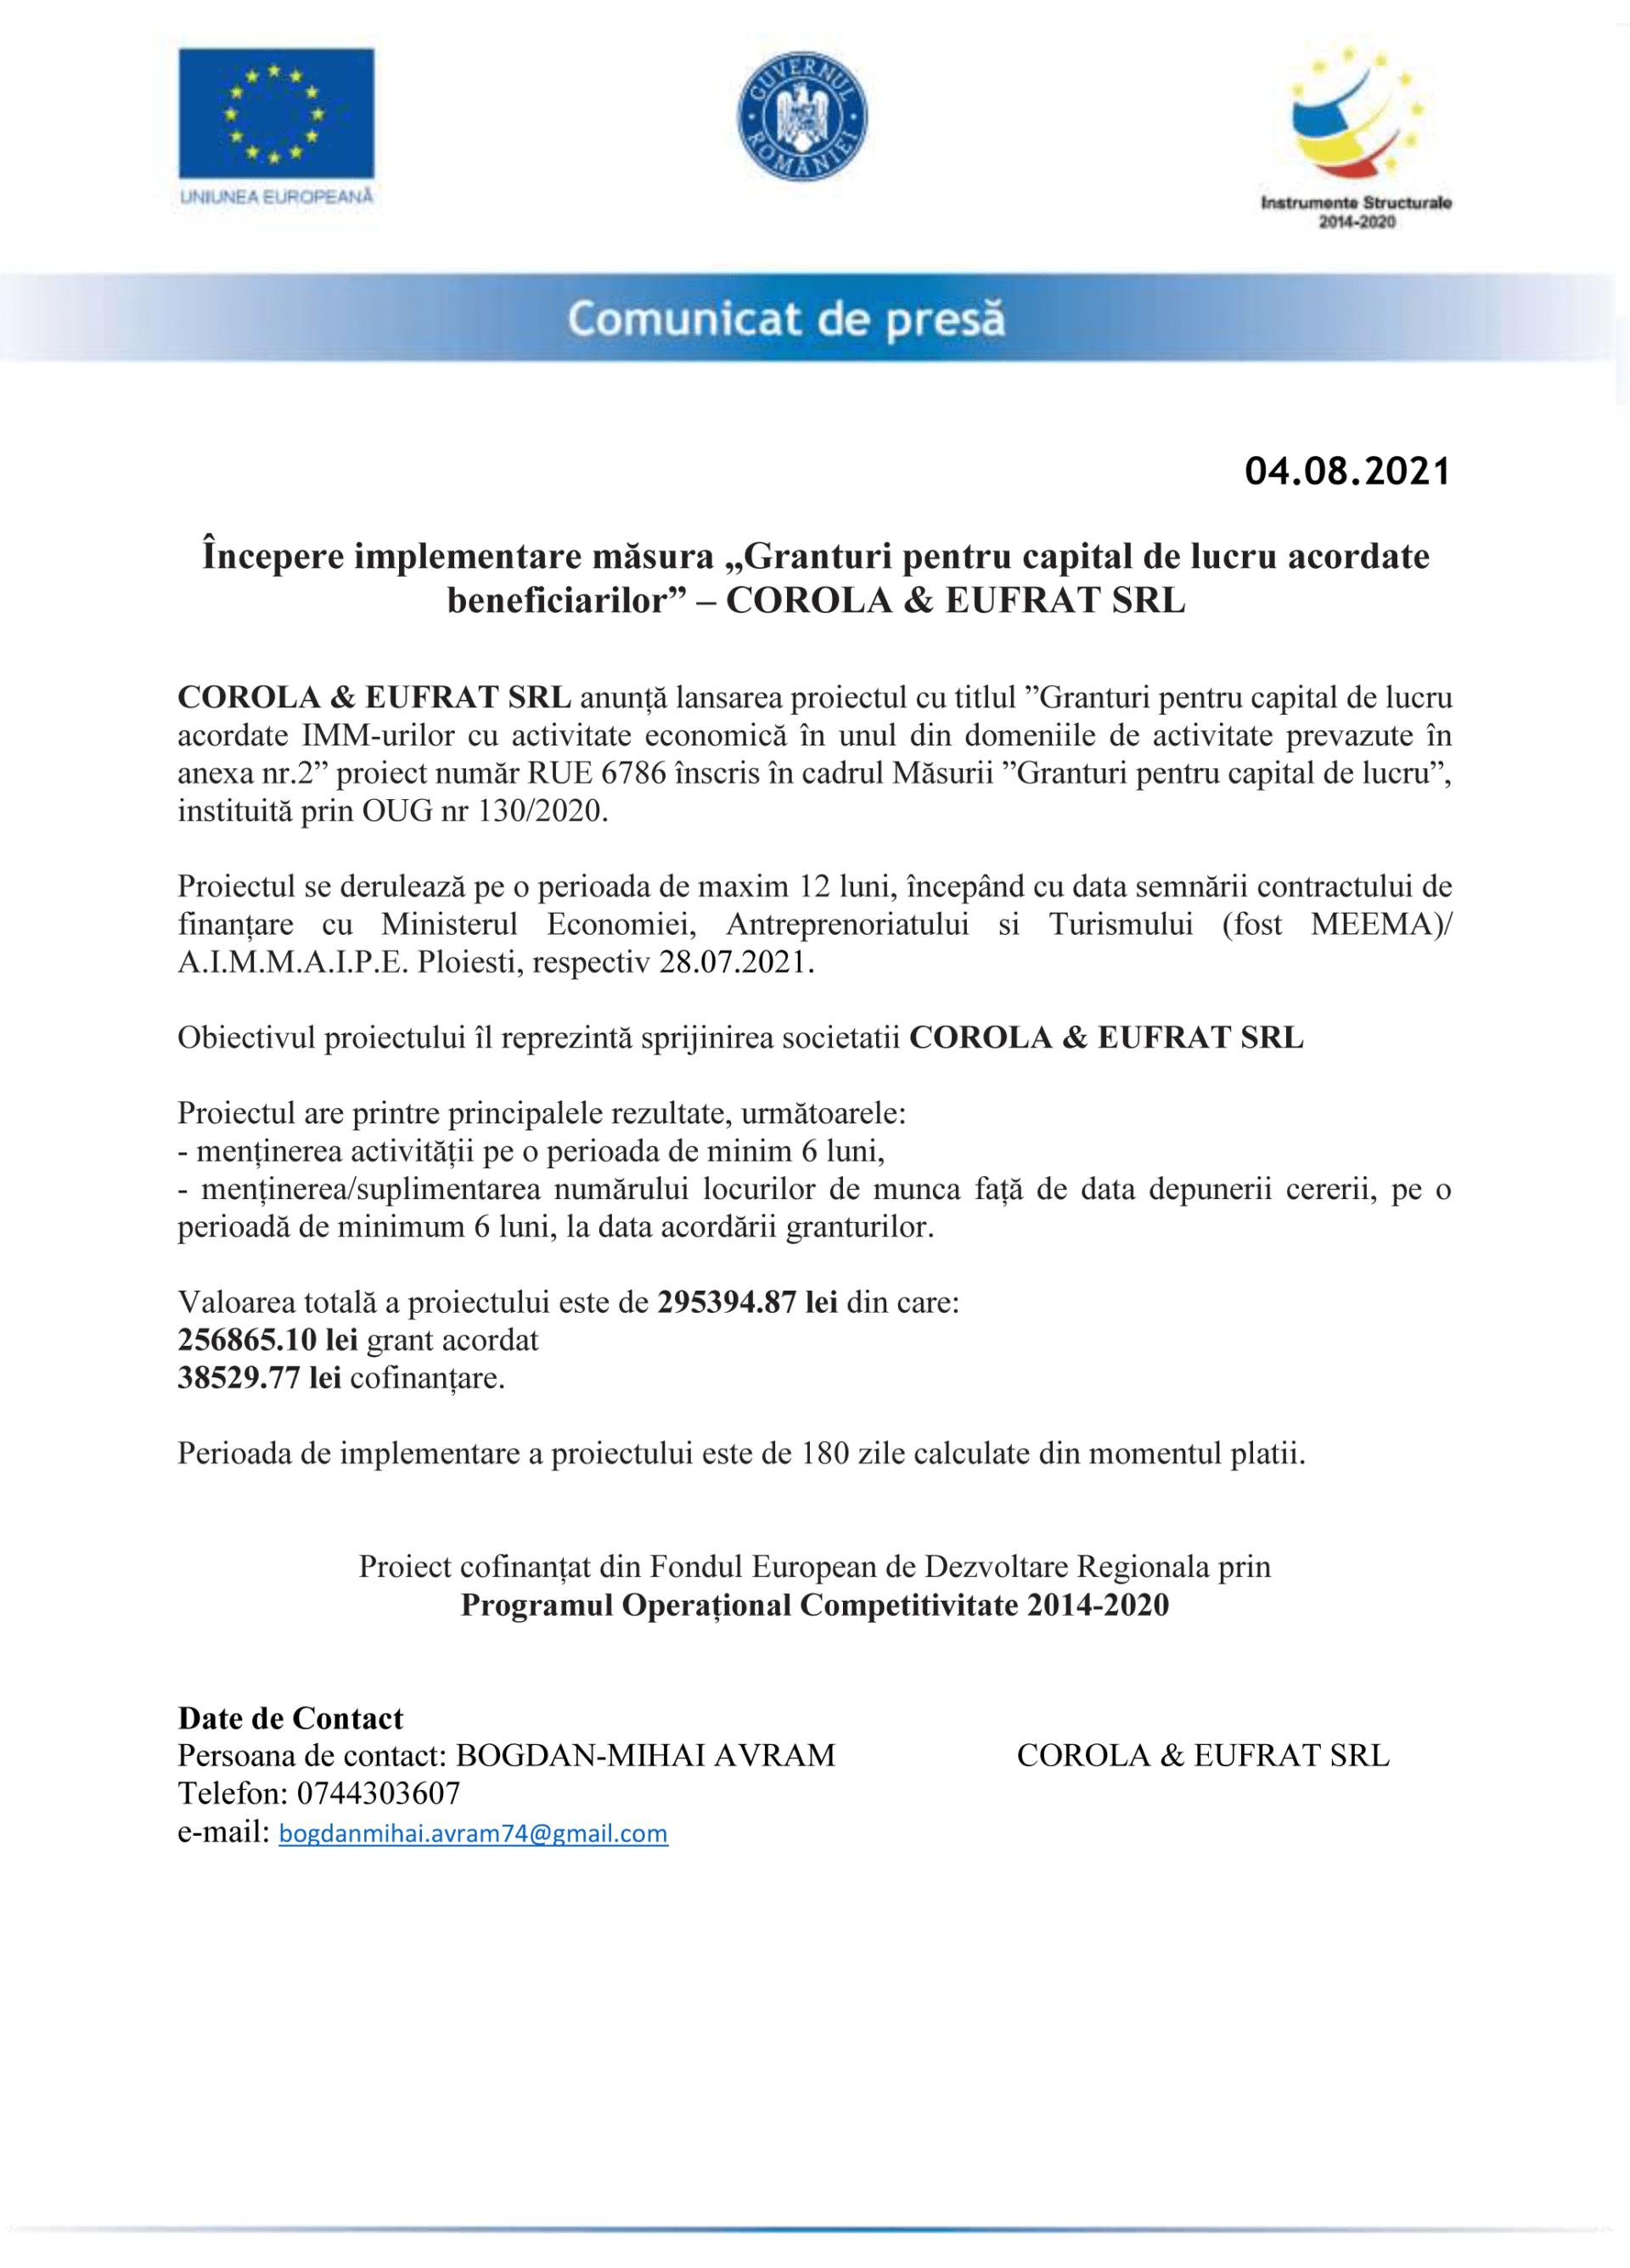 Comunicat_de_Presa_COROLA